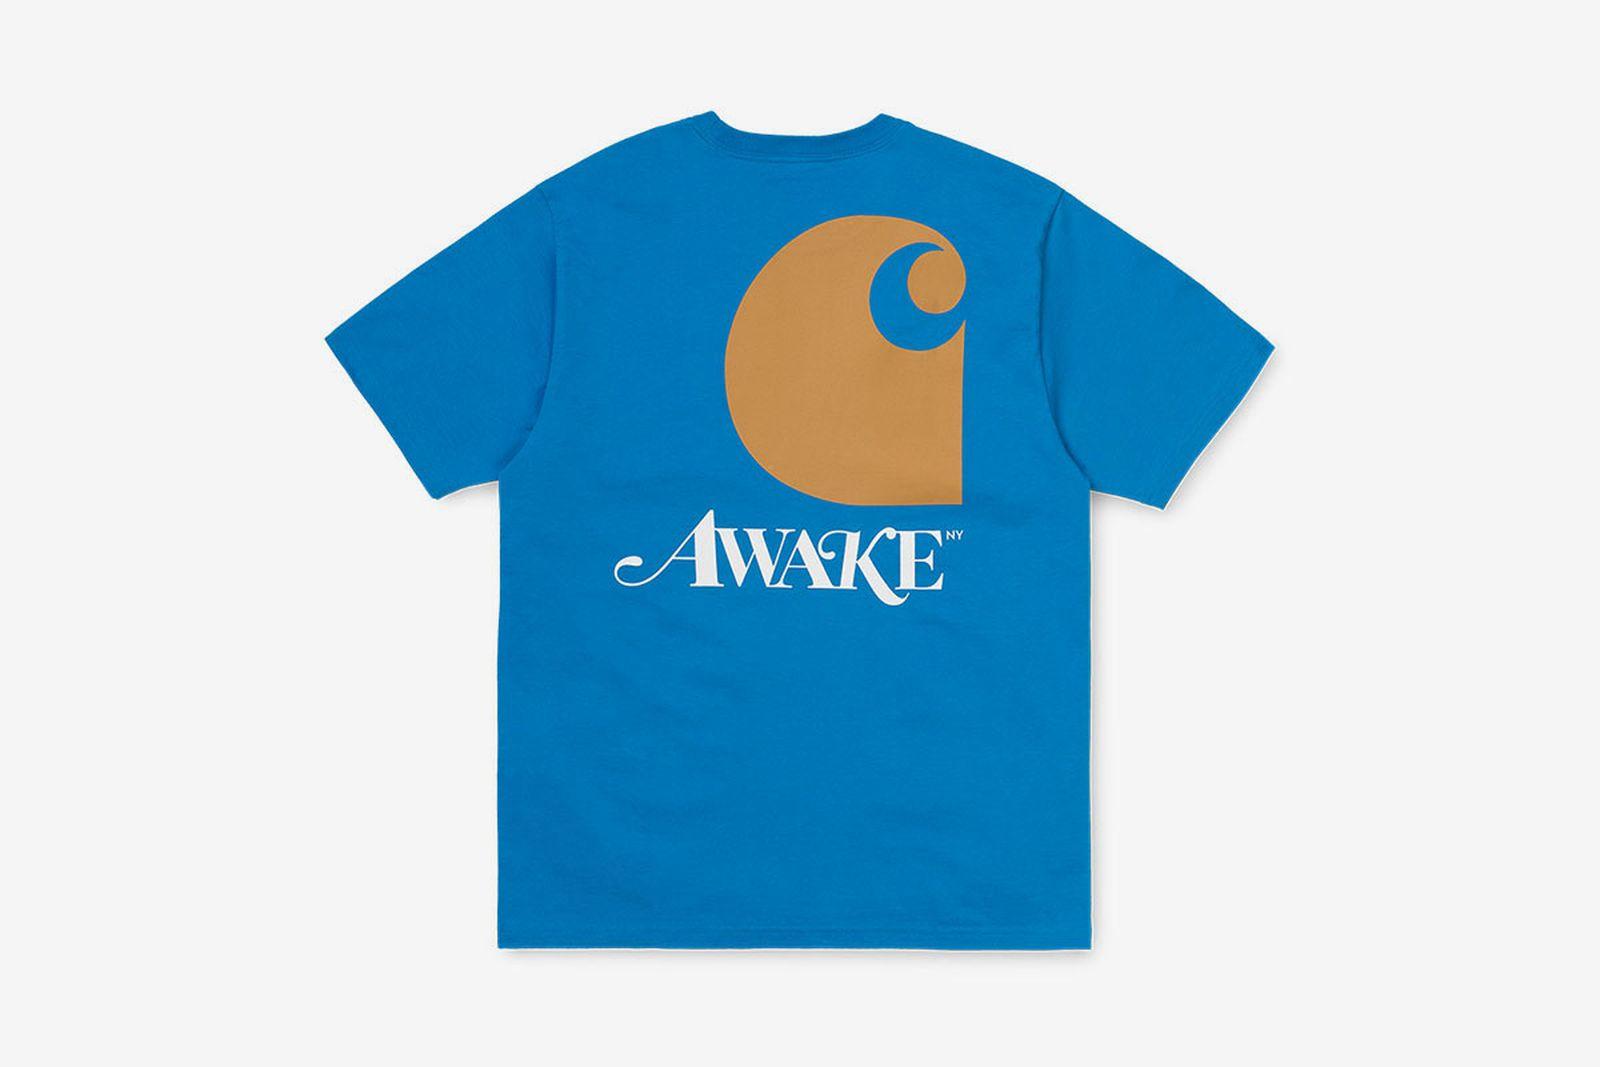 carhartt-wip-awake-ny-ss20-1-09